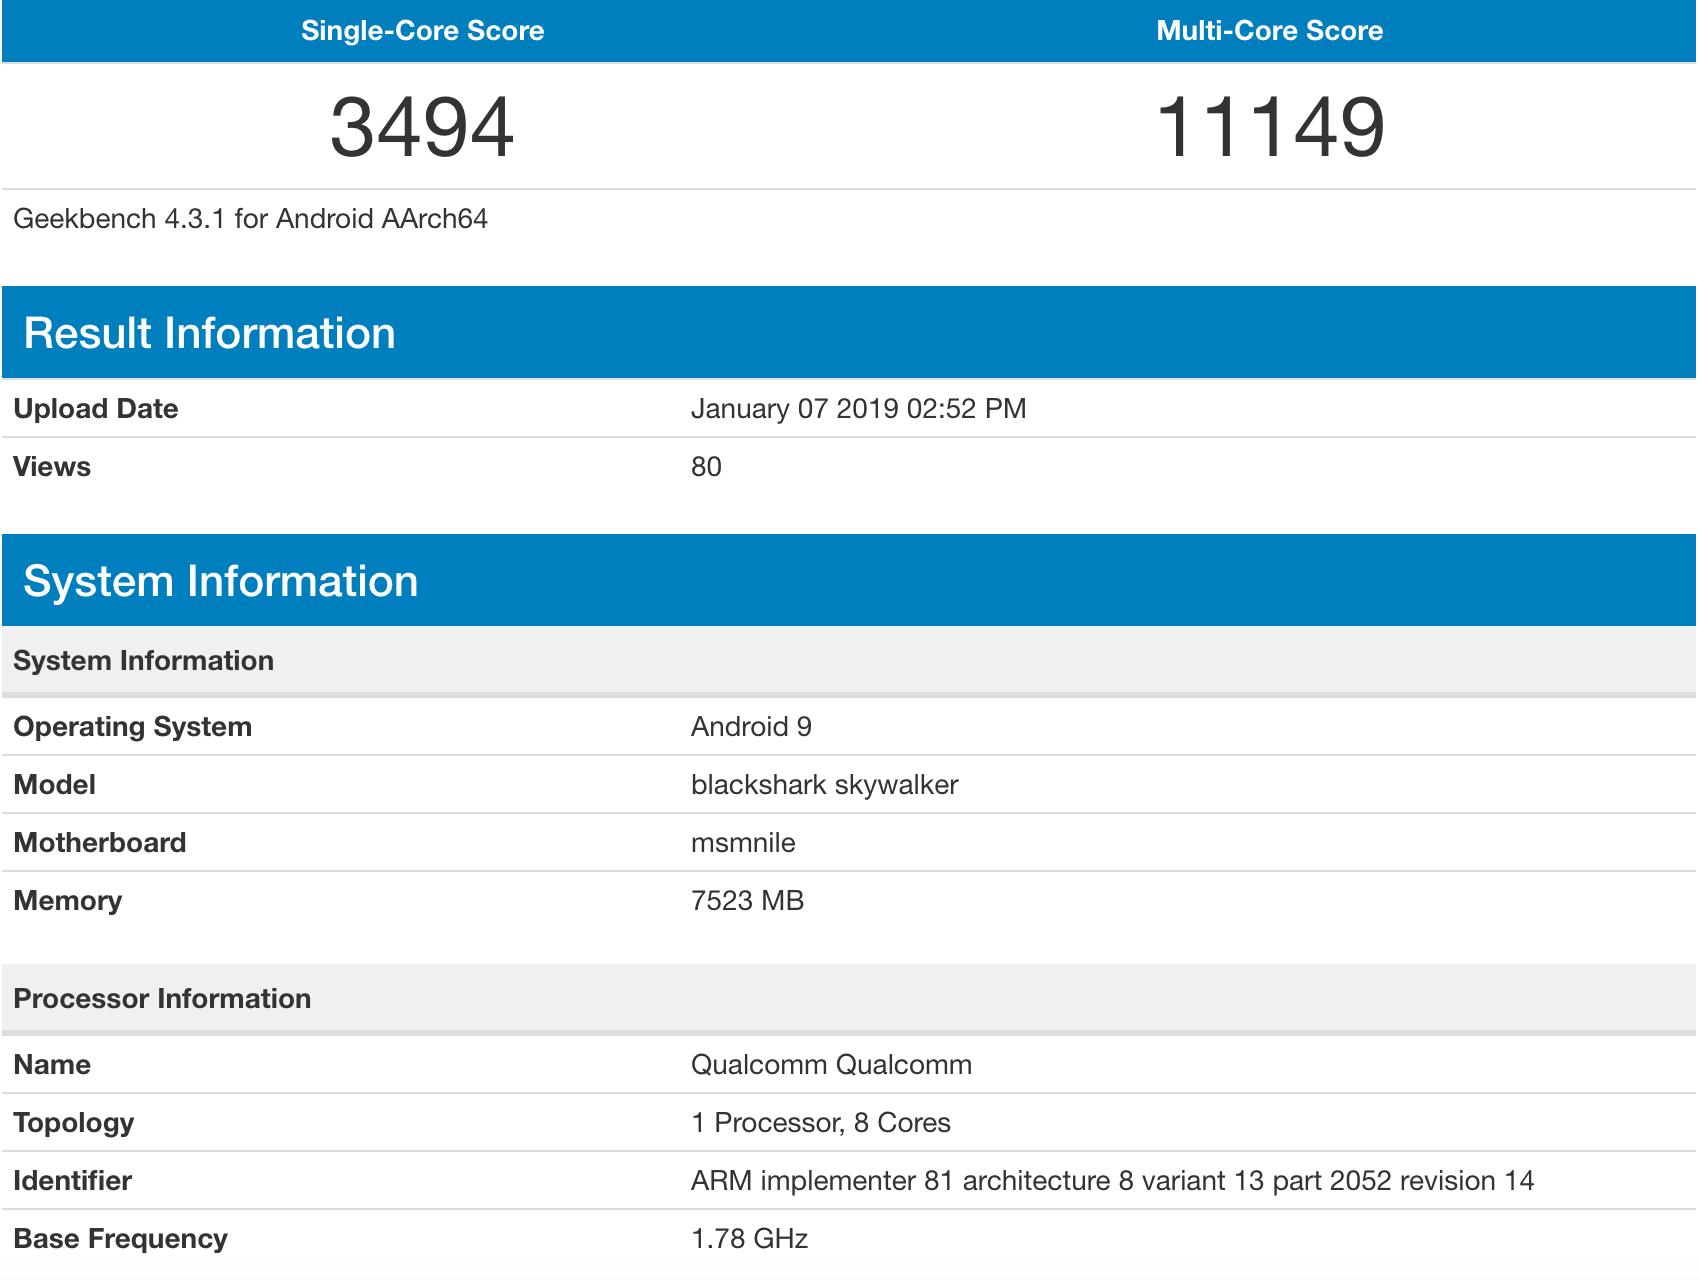 小米骁龙855新机跑分曝光:是MIX3 5G版还是小米9?